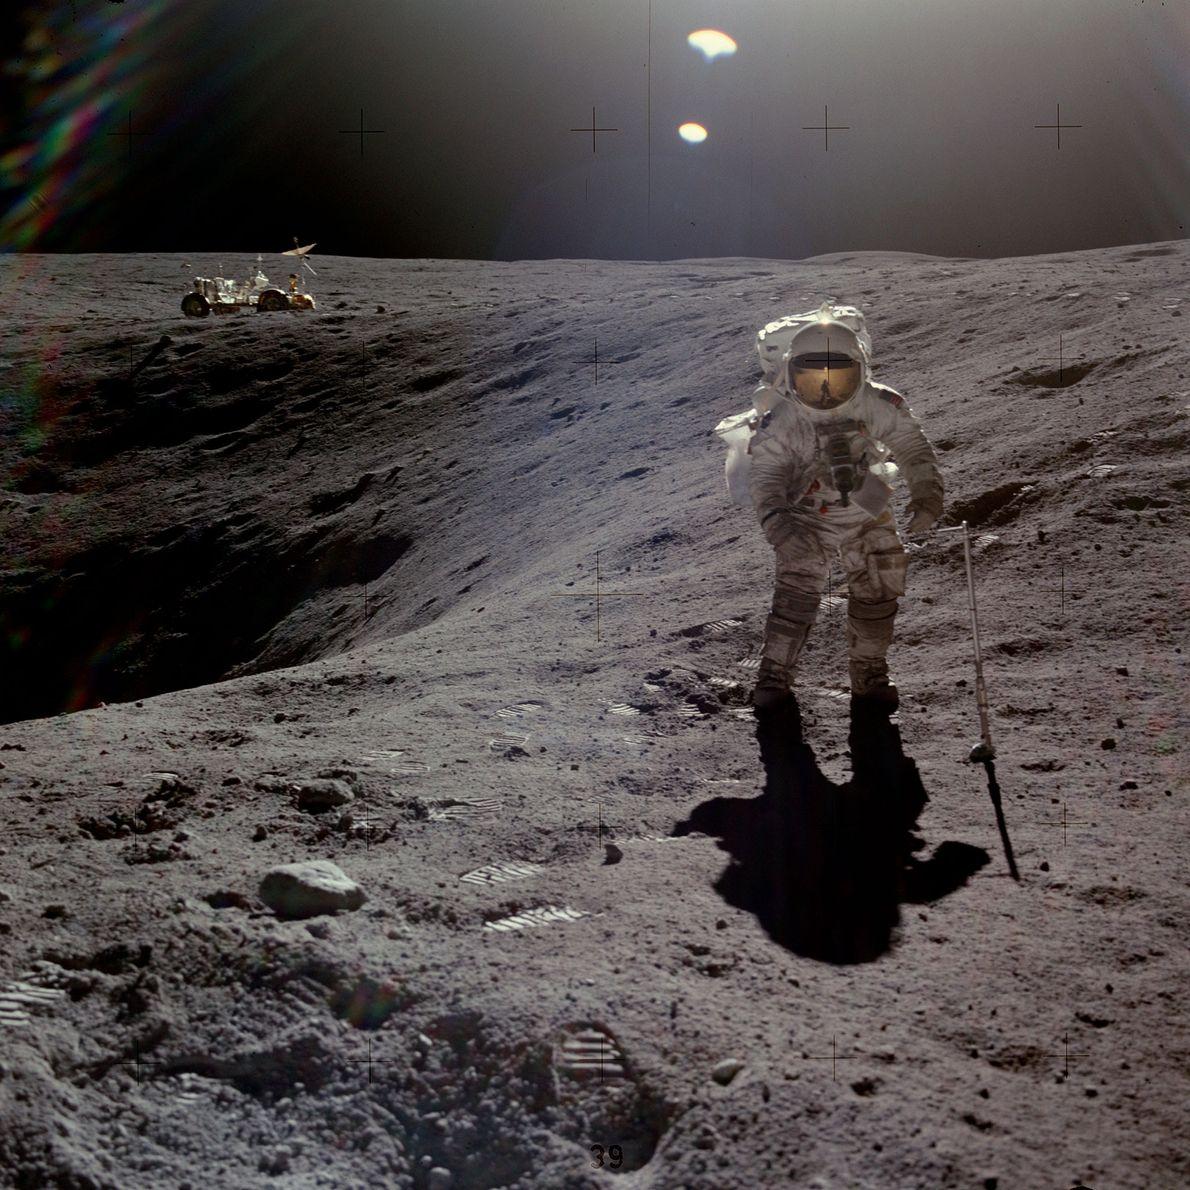 El astronauta Charles Duke recolecta muestras durante la misión del Apolo 16. Él y John Young ...